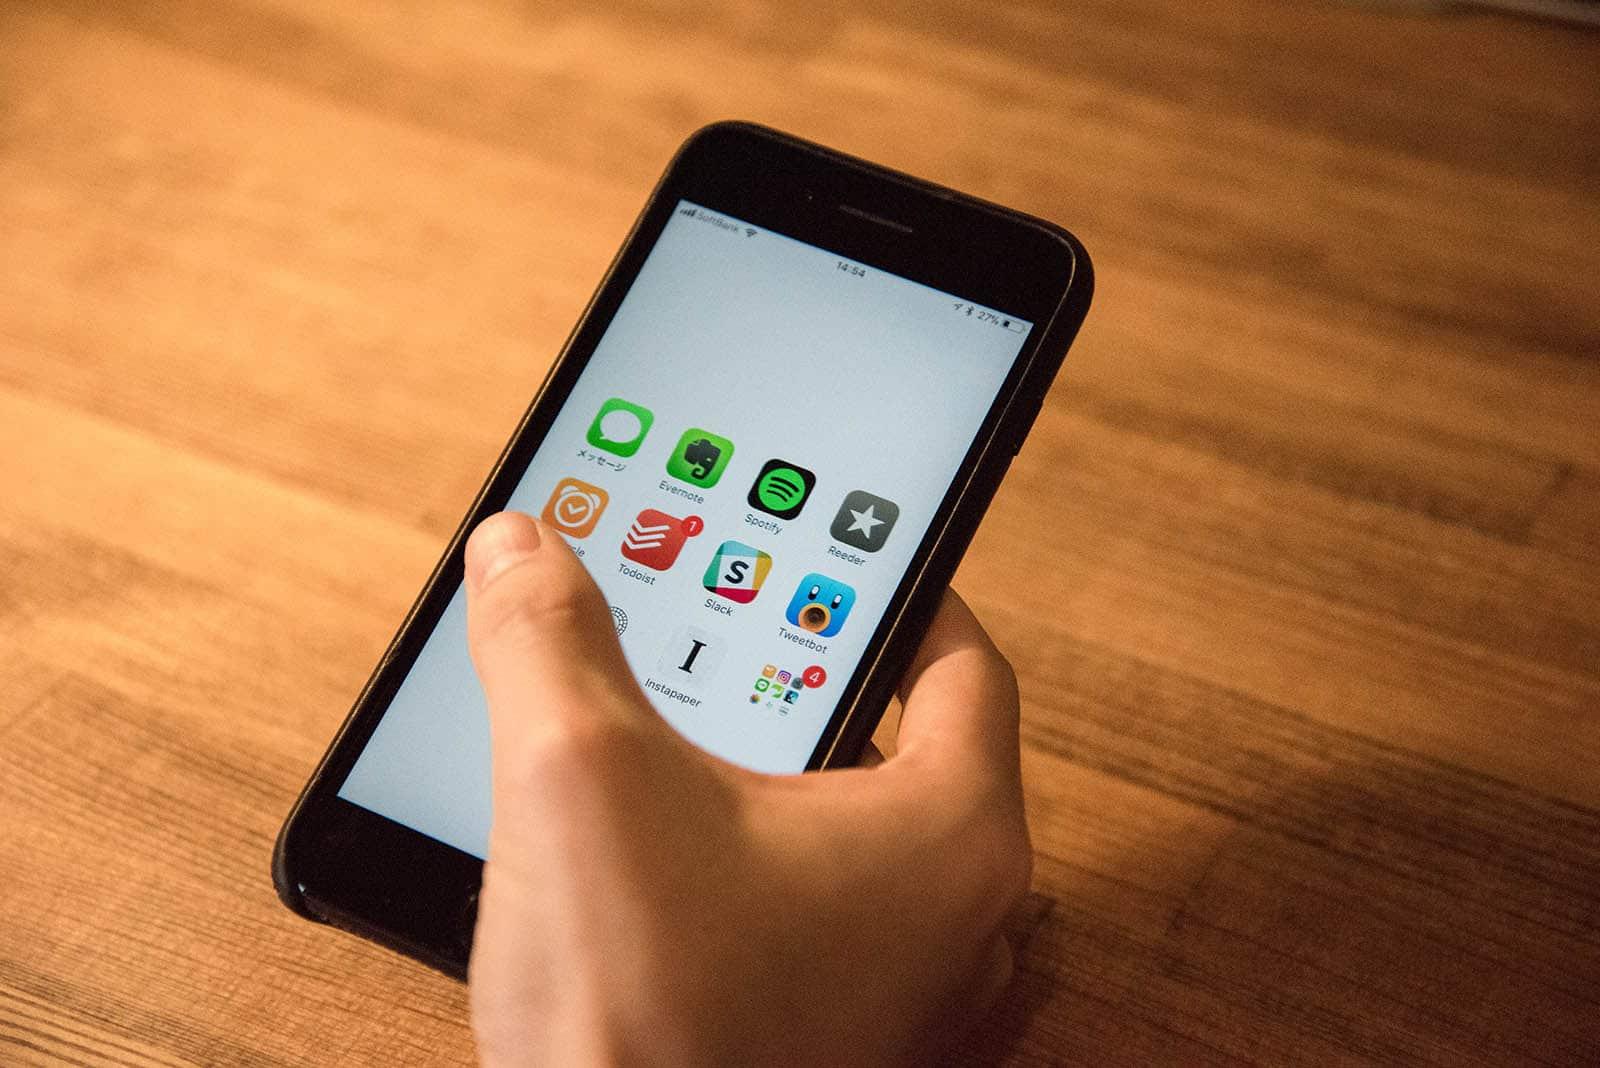 Iphoneの壁紙を白色 黒色にして集中を保とう 使われる から 使いこなす へ